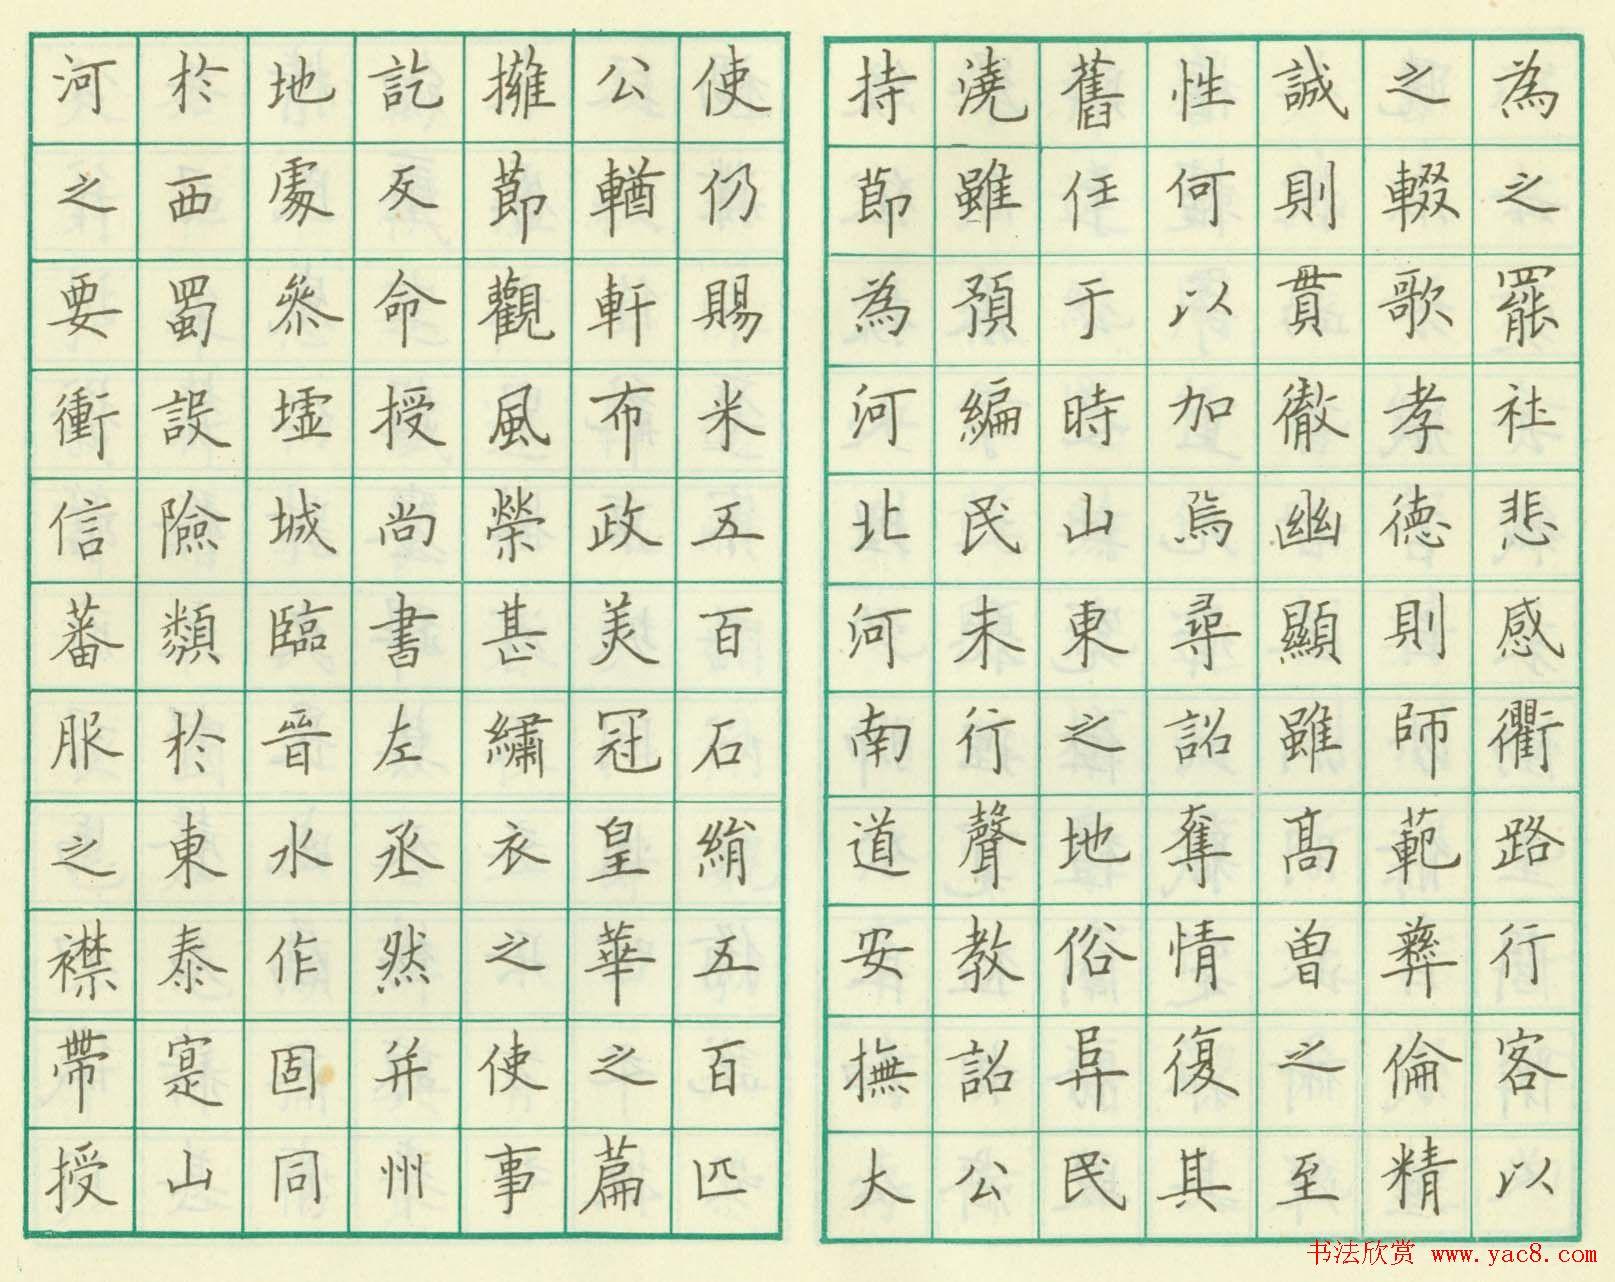 卢中南硬笔书法欣赏 临欧楷皇甫诞碑 第3页 硬笔书法 书法欣赏图片